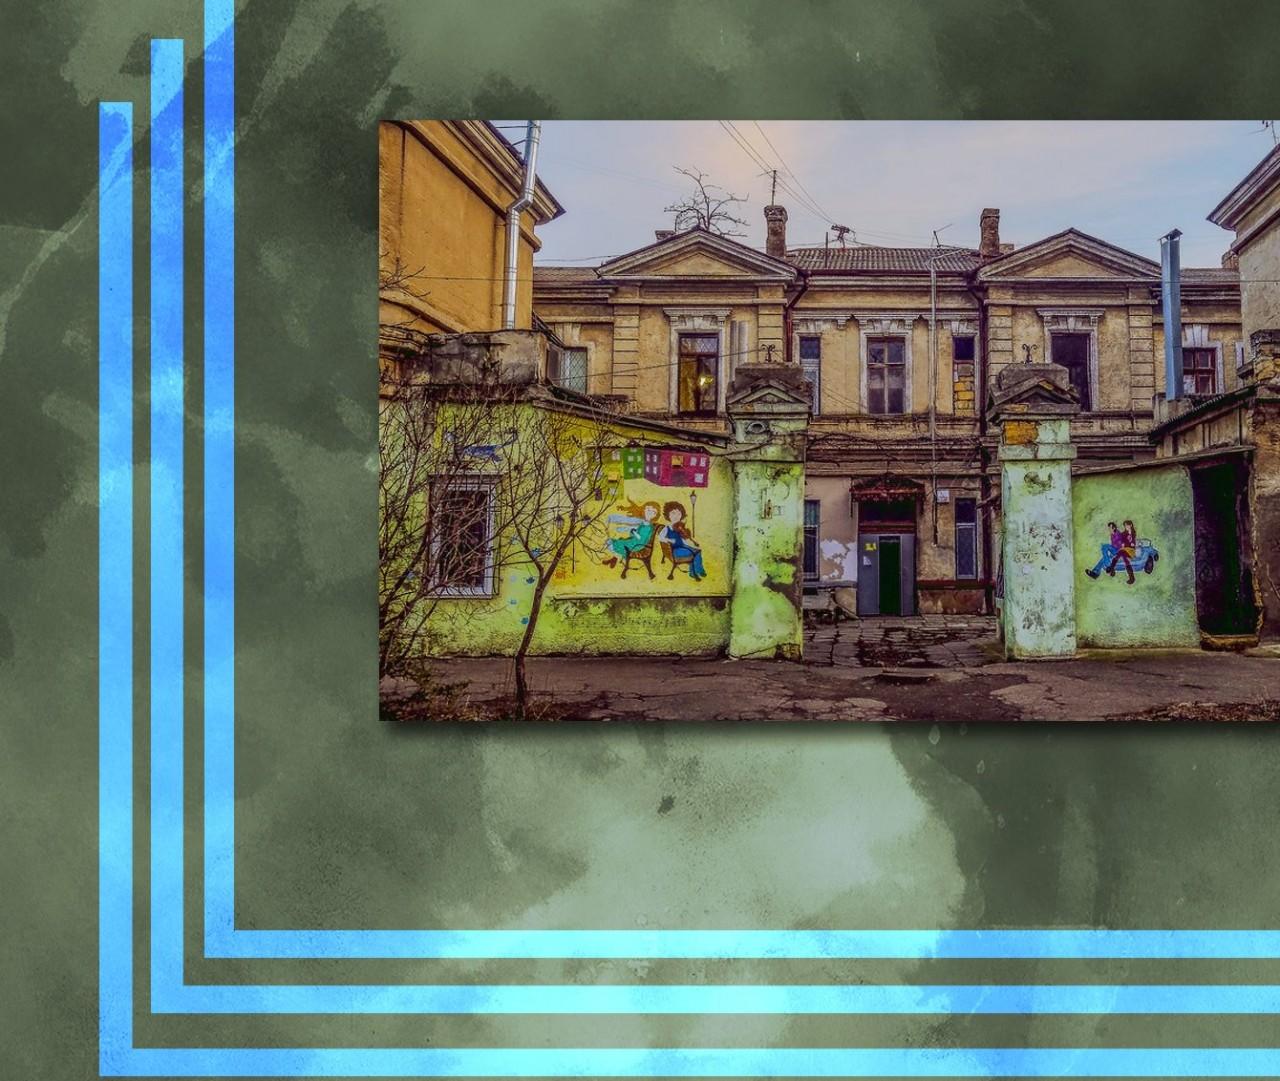 Украинец рассказал, почему Одесса превратилась из большого города в хуторок